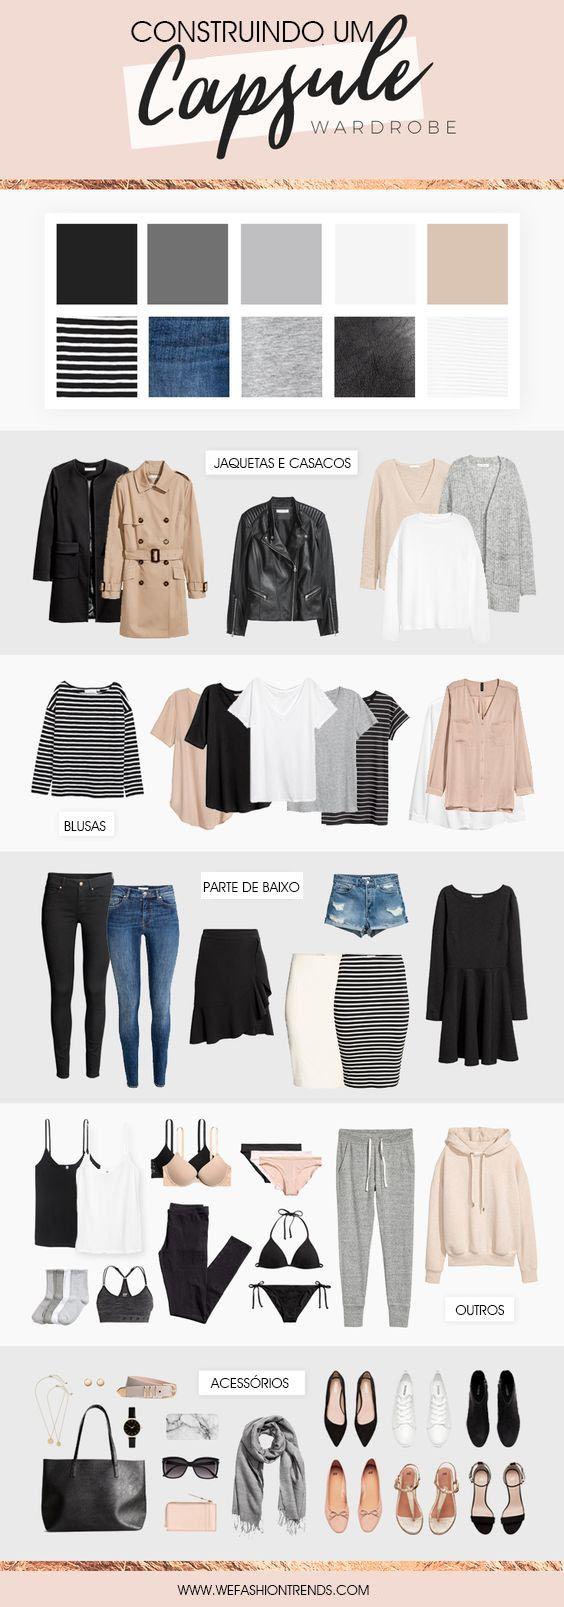 Já ouviu falar em armário cápsula? Veja como aplicar esse conceito ao seu dia-a-dia e agilizar a hora de se vestir!